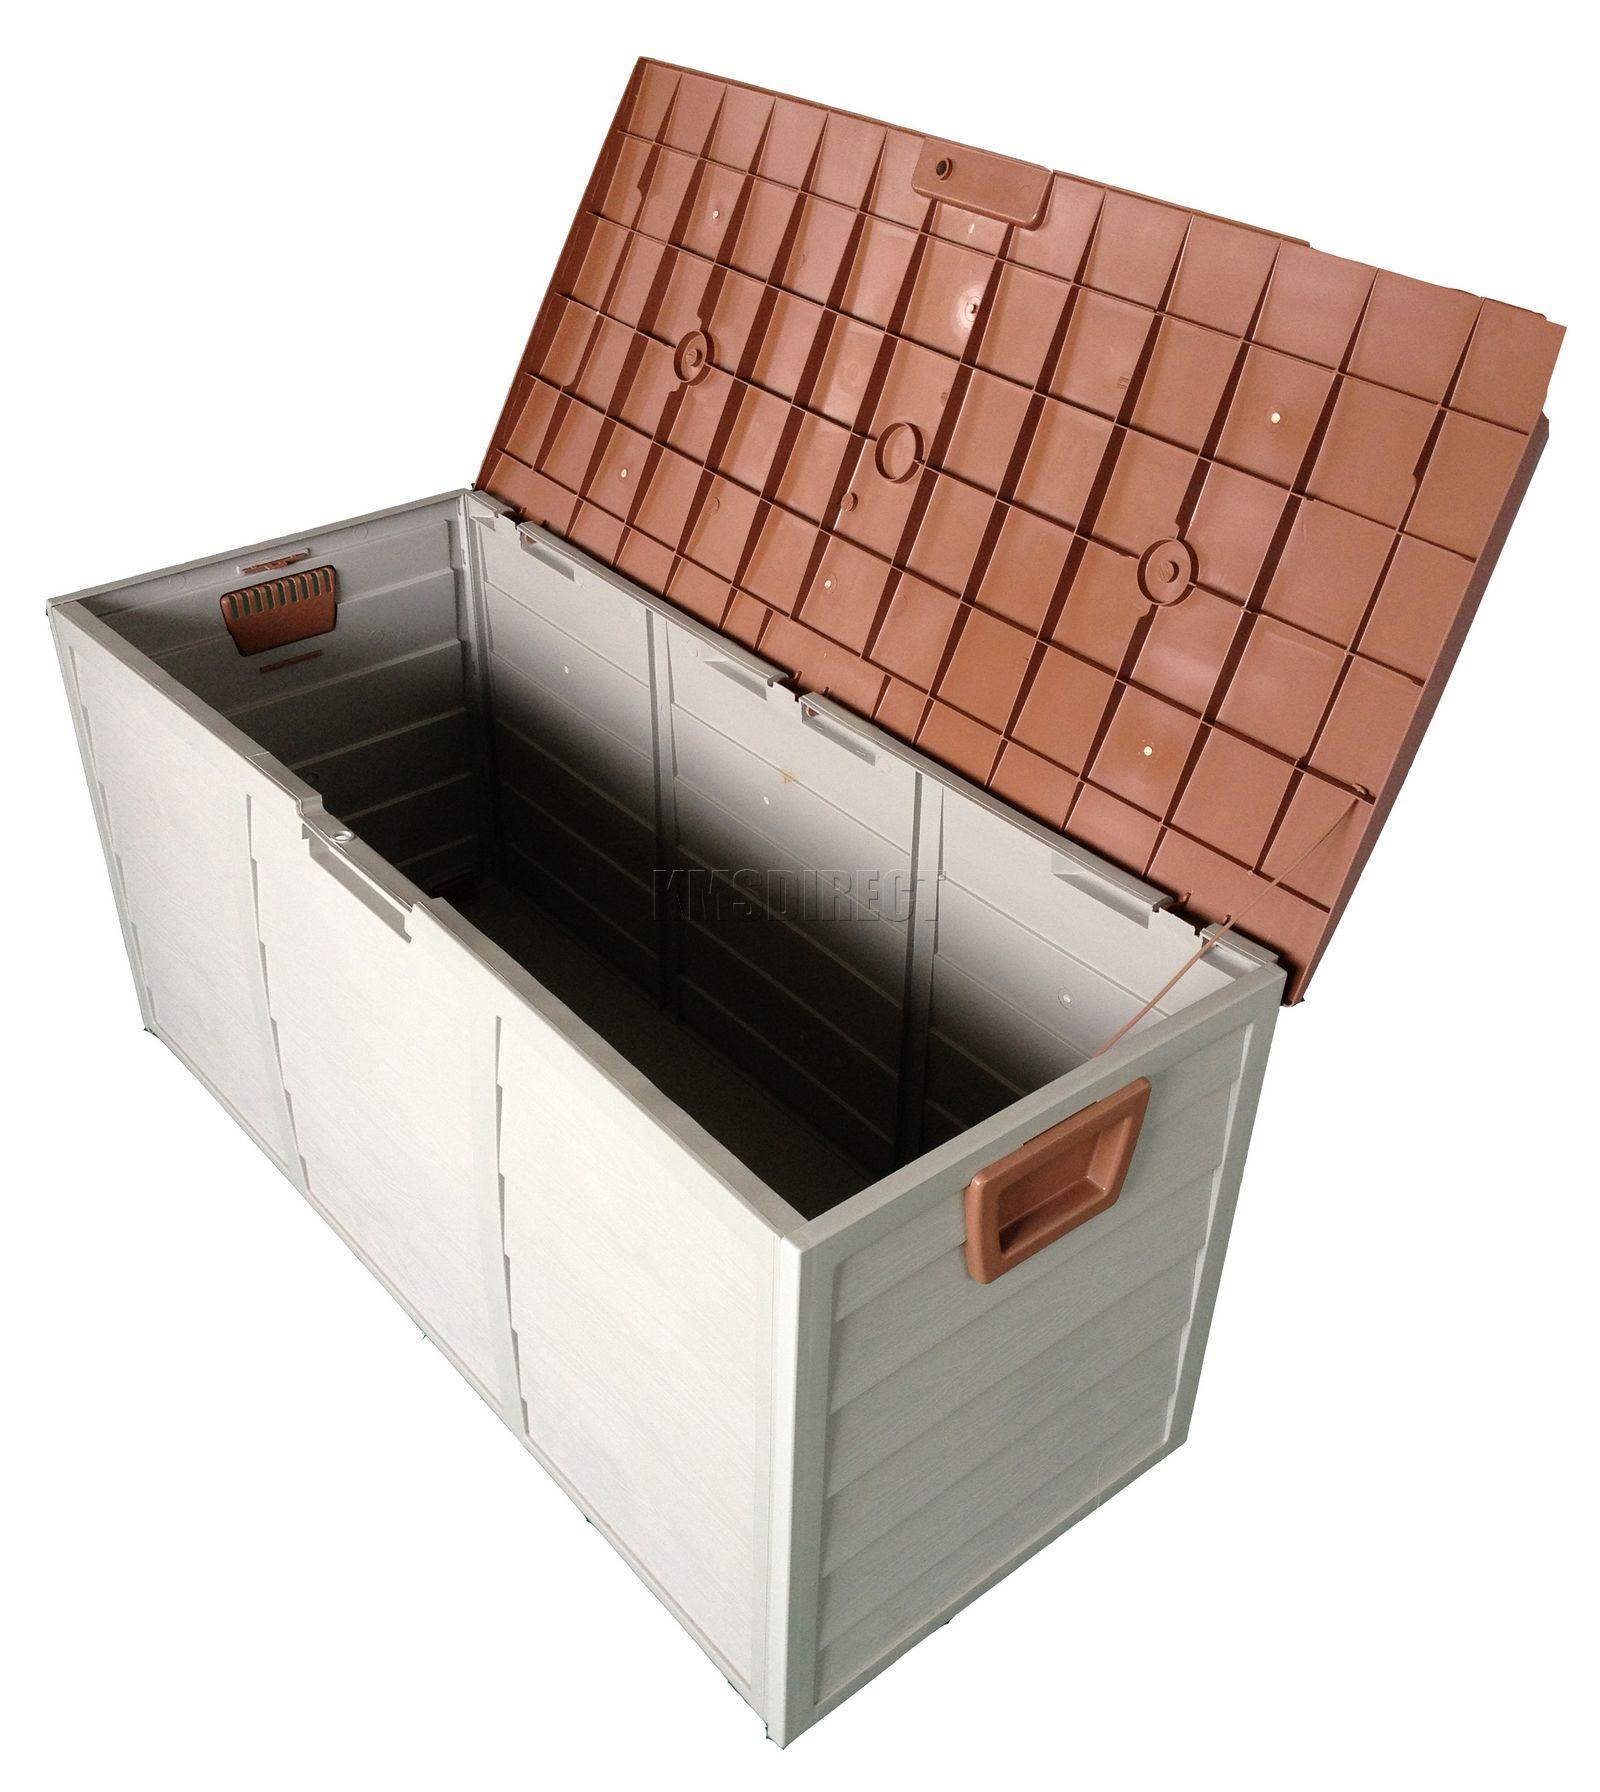 Garten Behälter Aufbewahrung Box Container Braun Outdoor Plastik ...